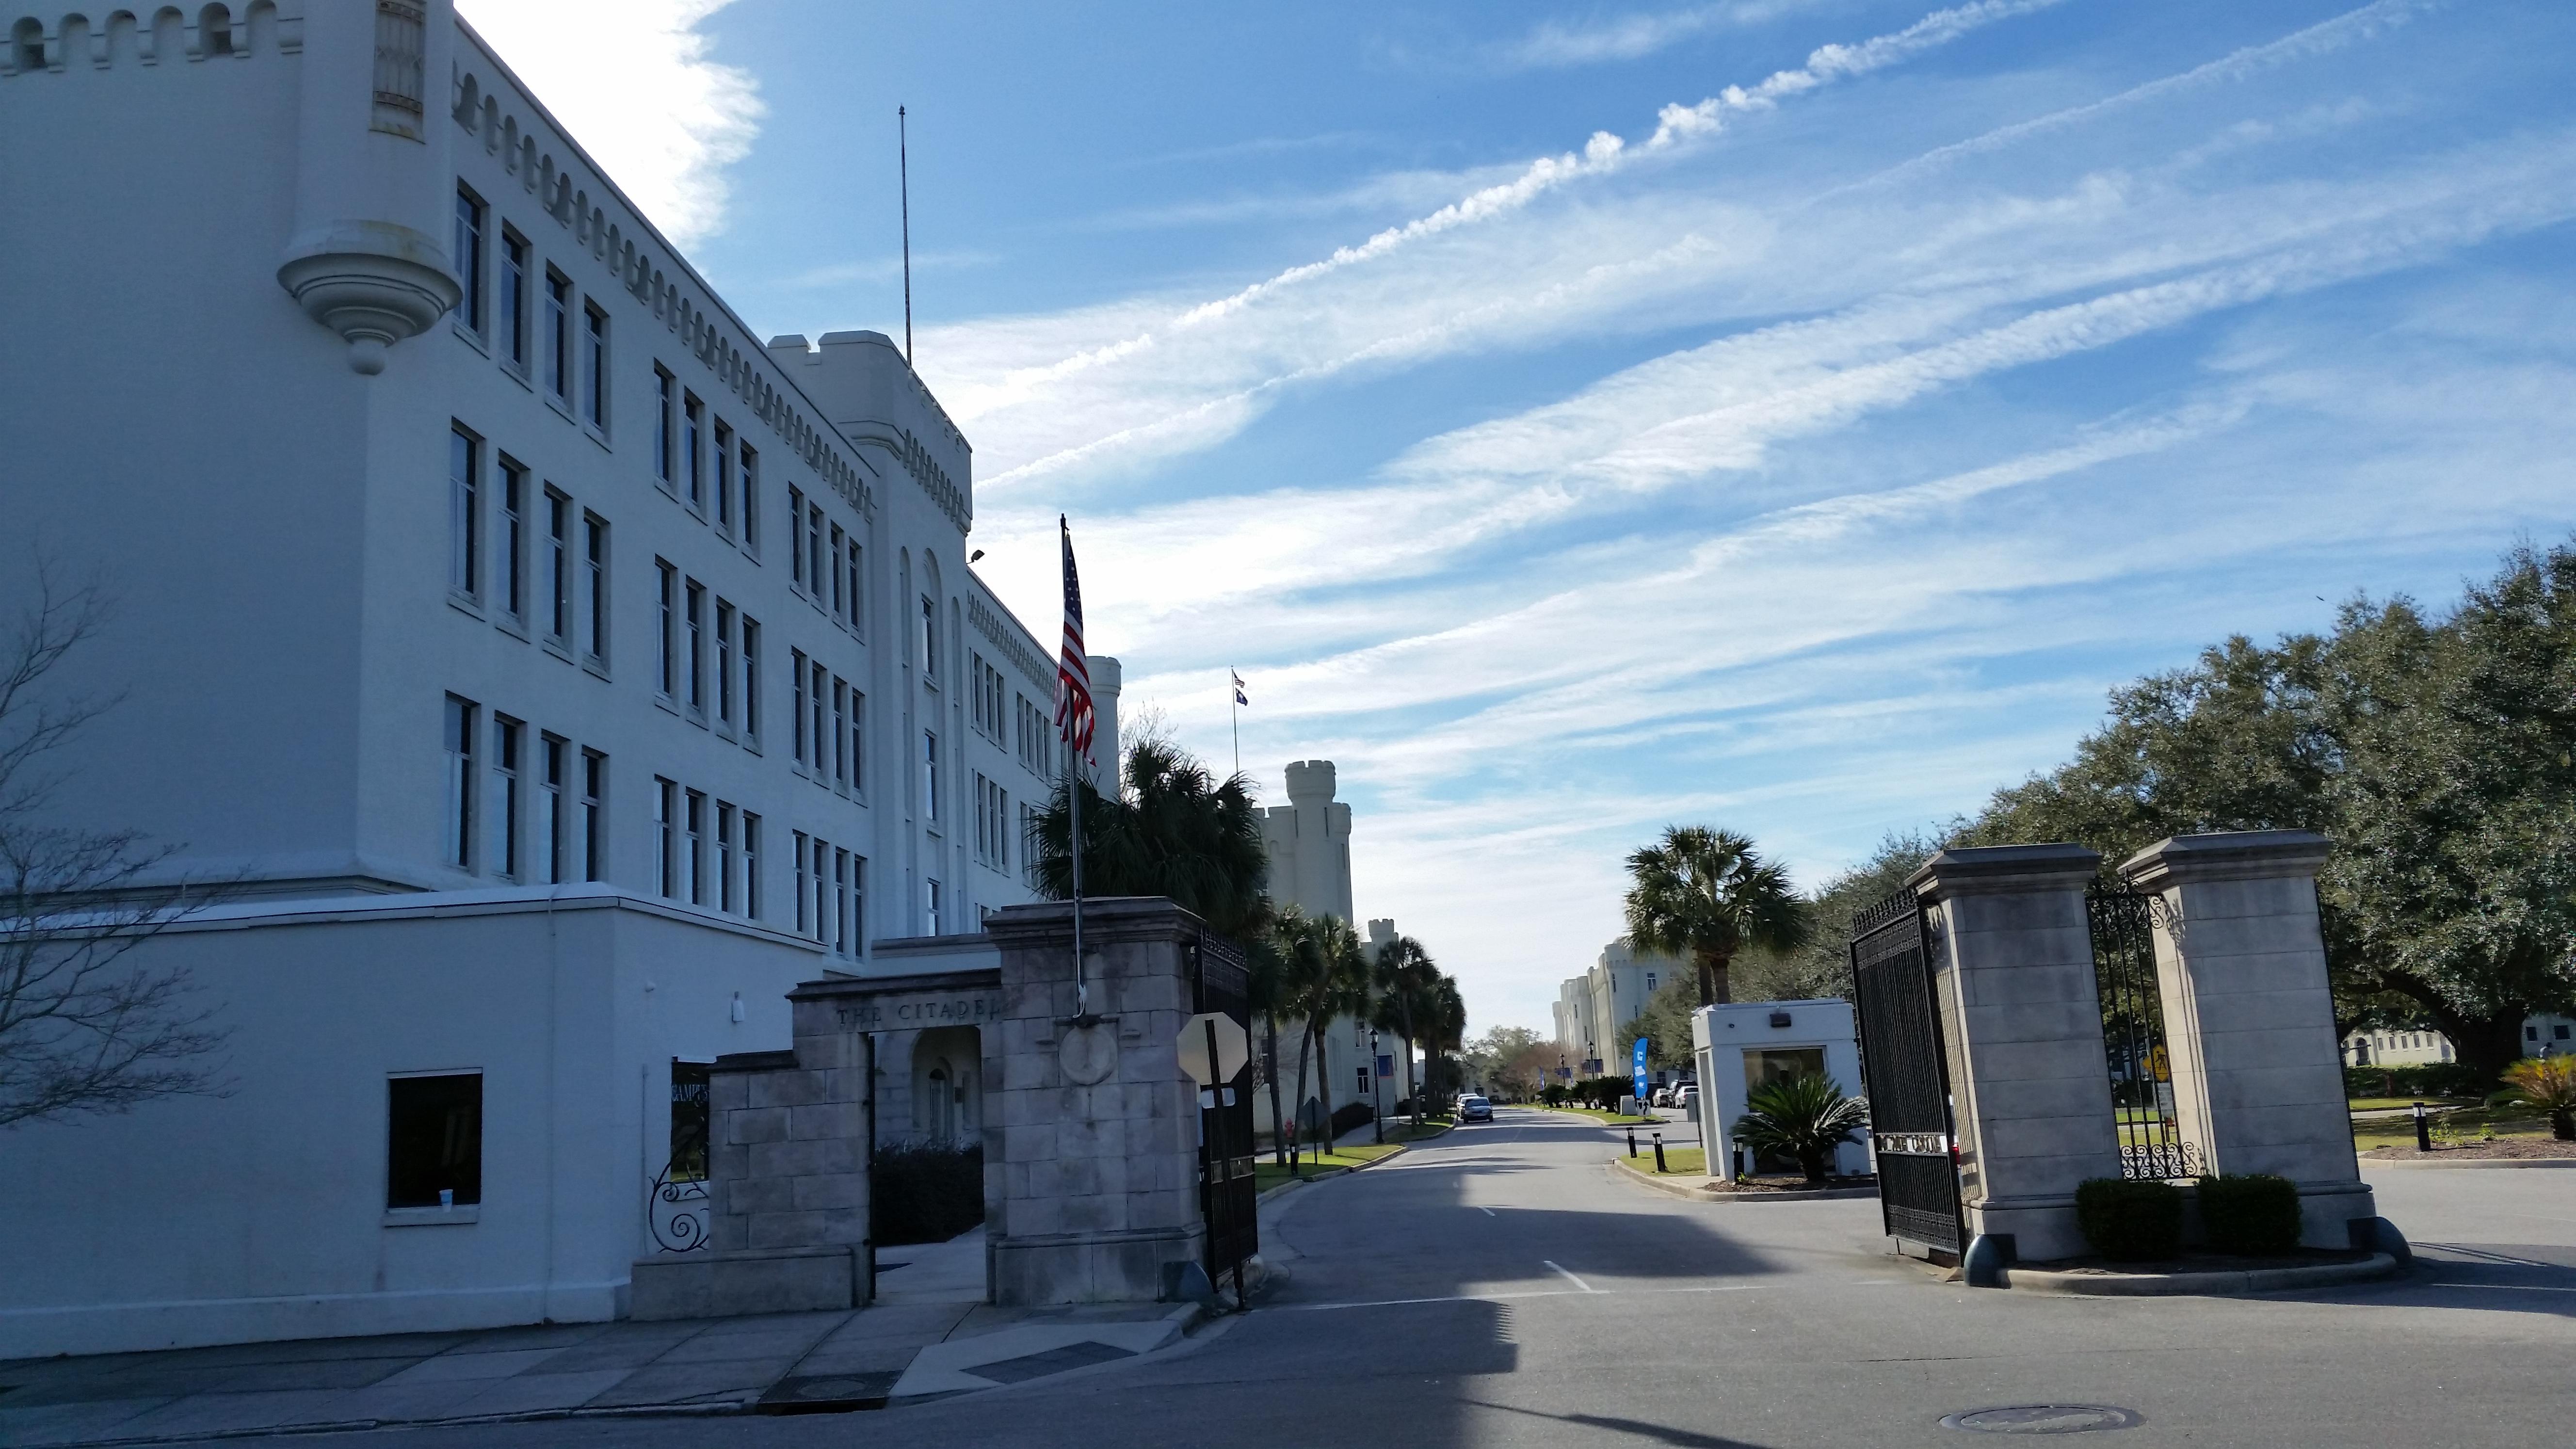 Citadel military college